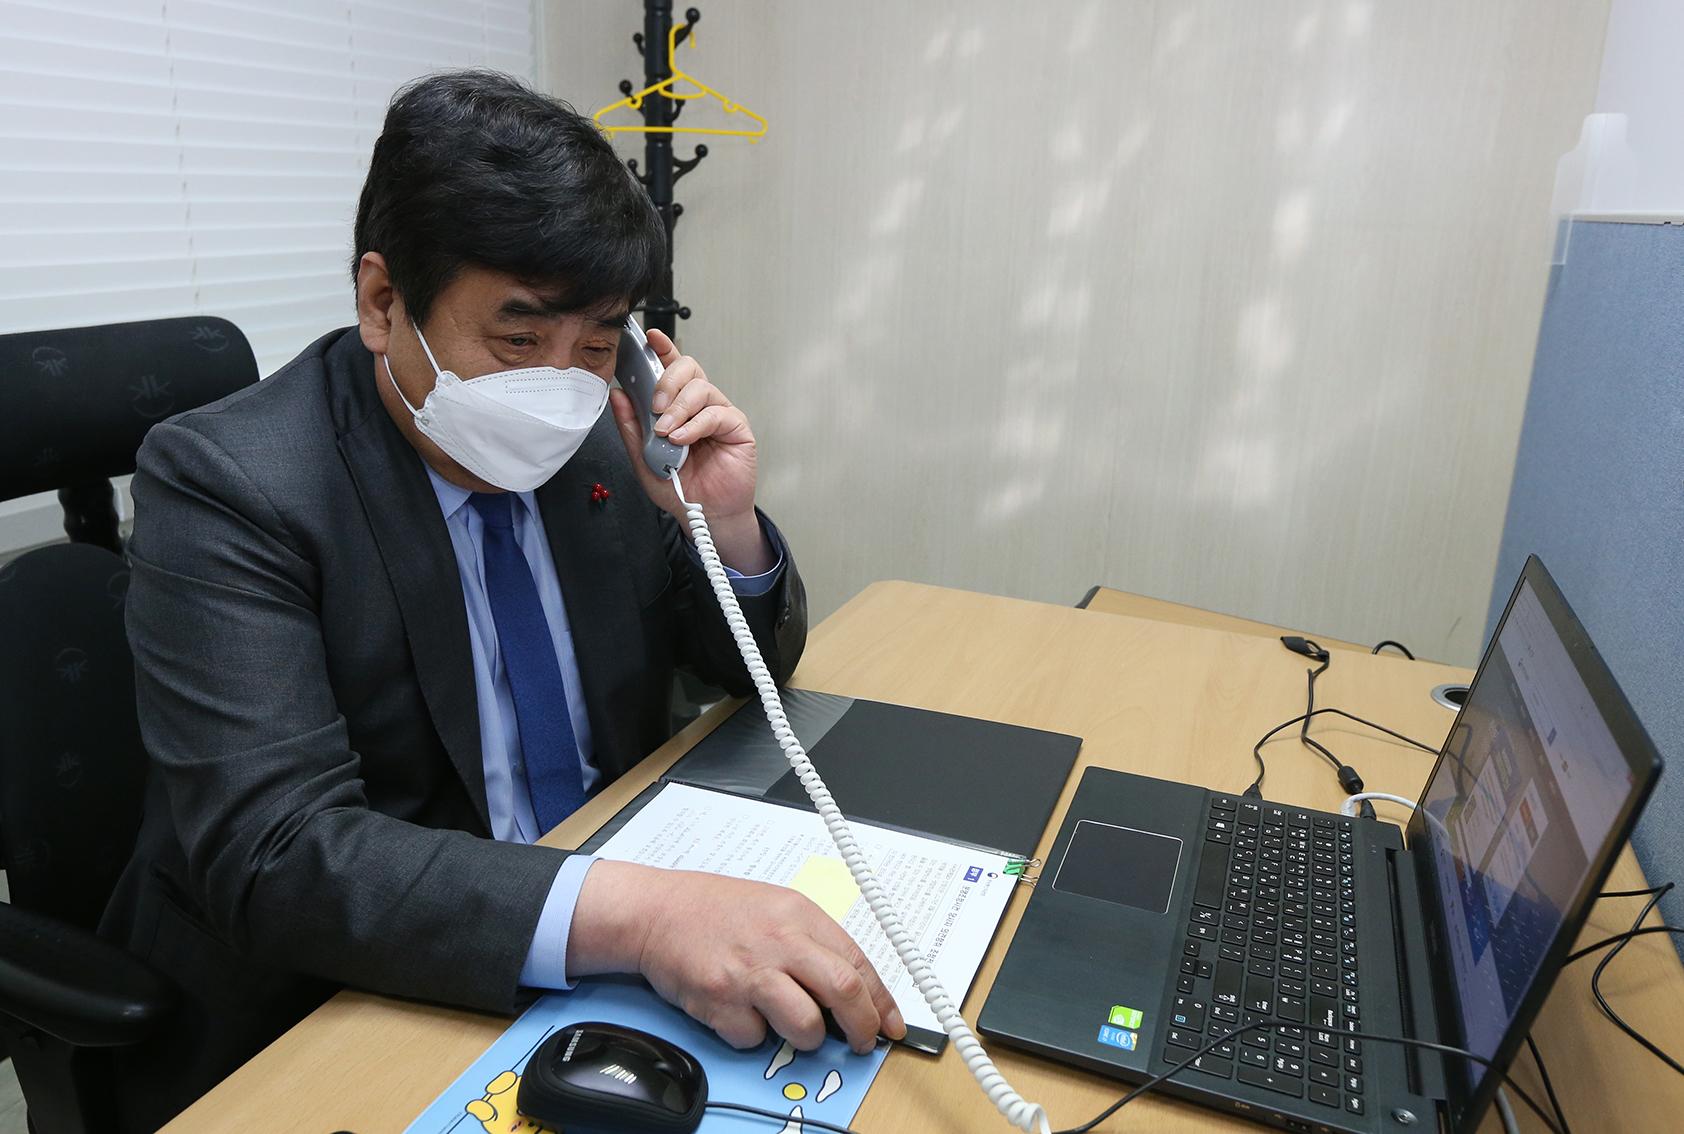 통신분쟁조정상담센터 방문